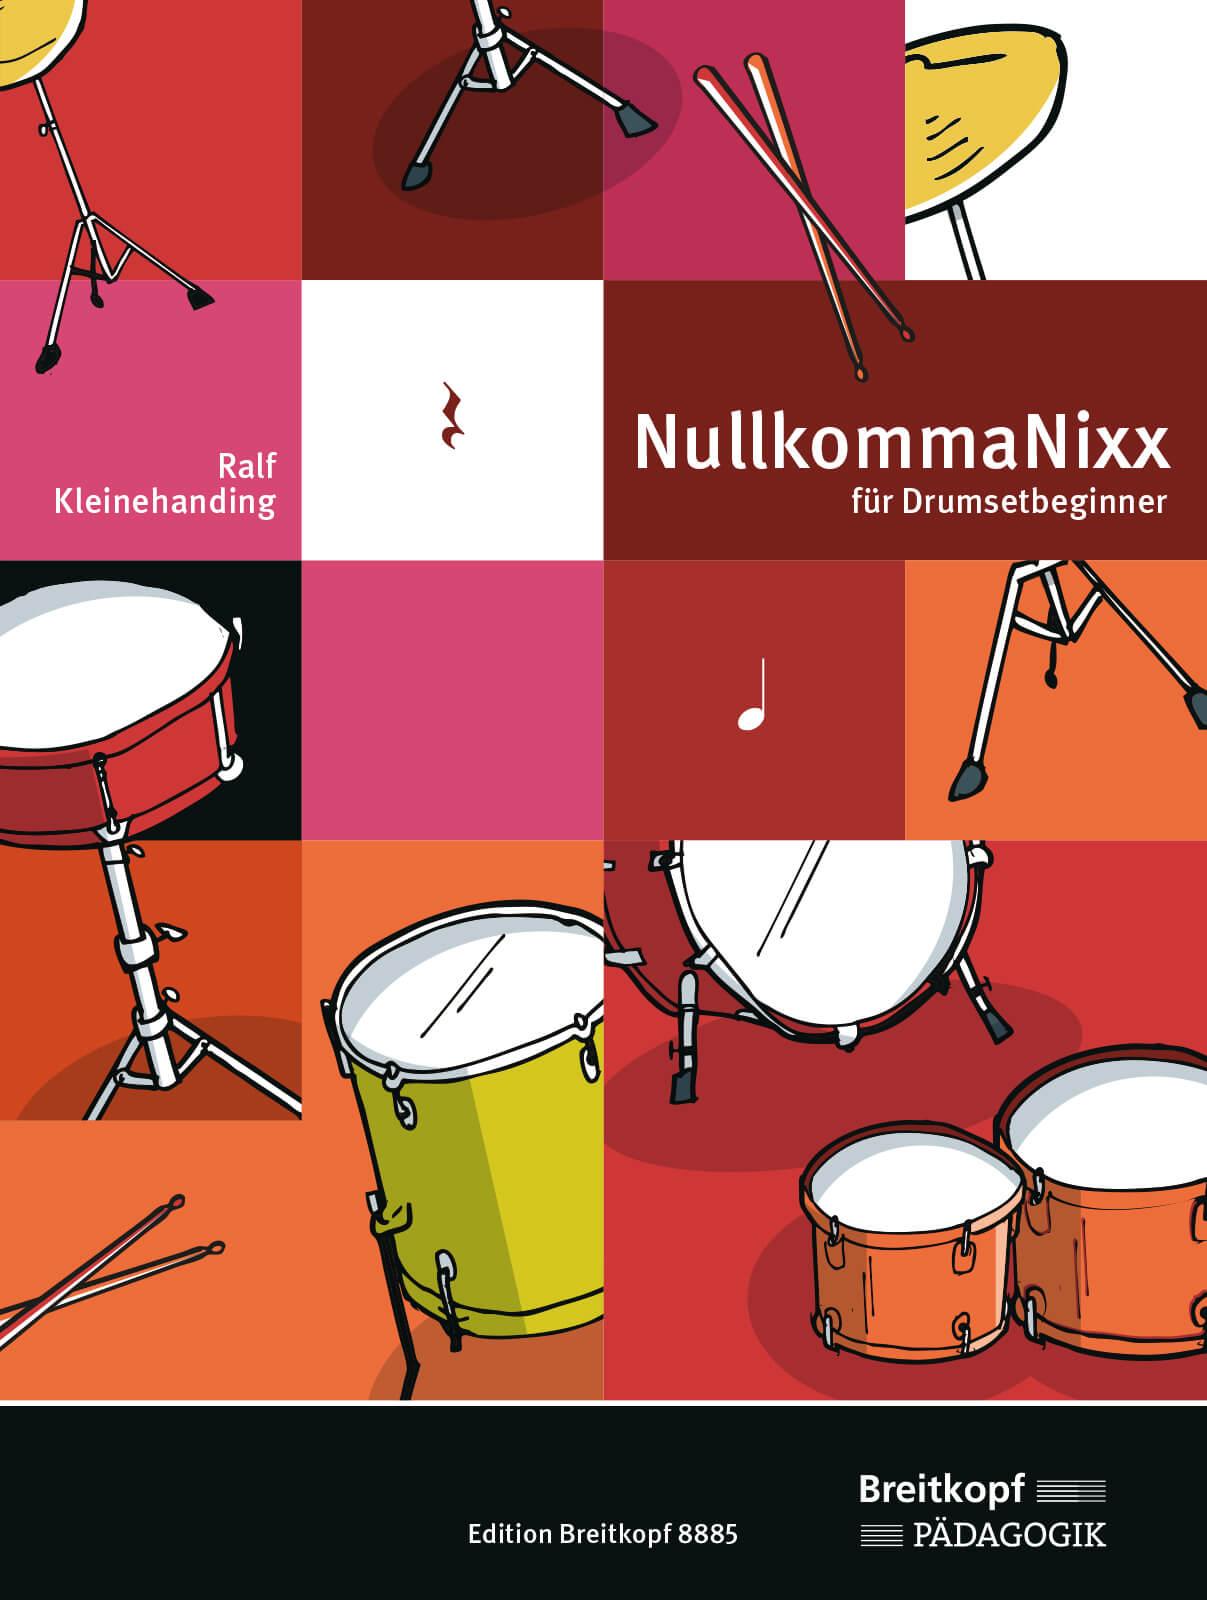 Nullkommanixx für Drumsetbeginner